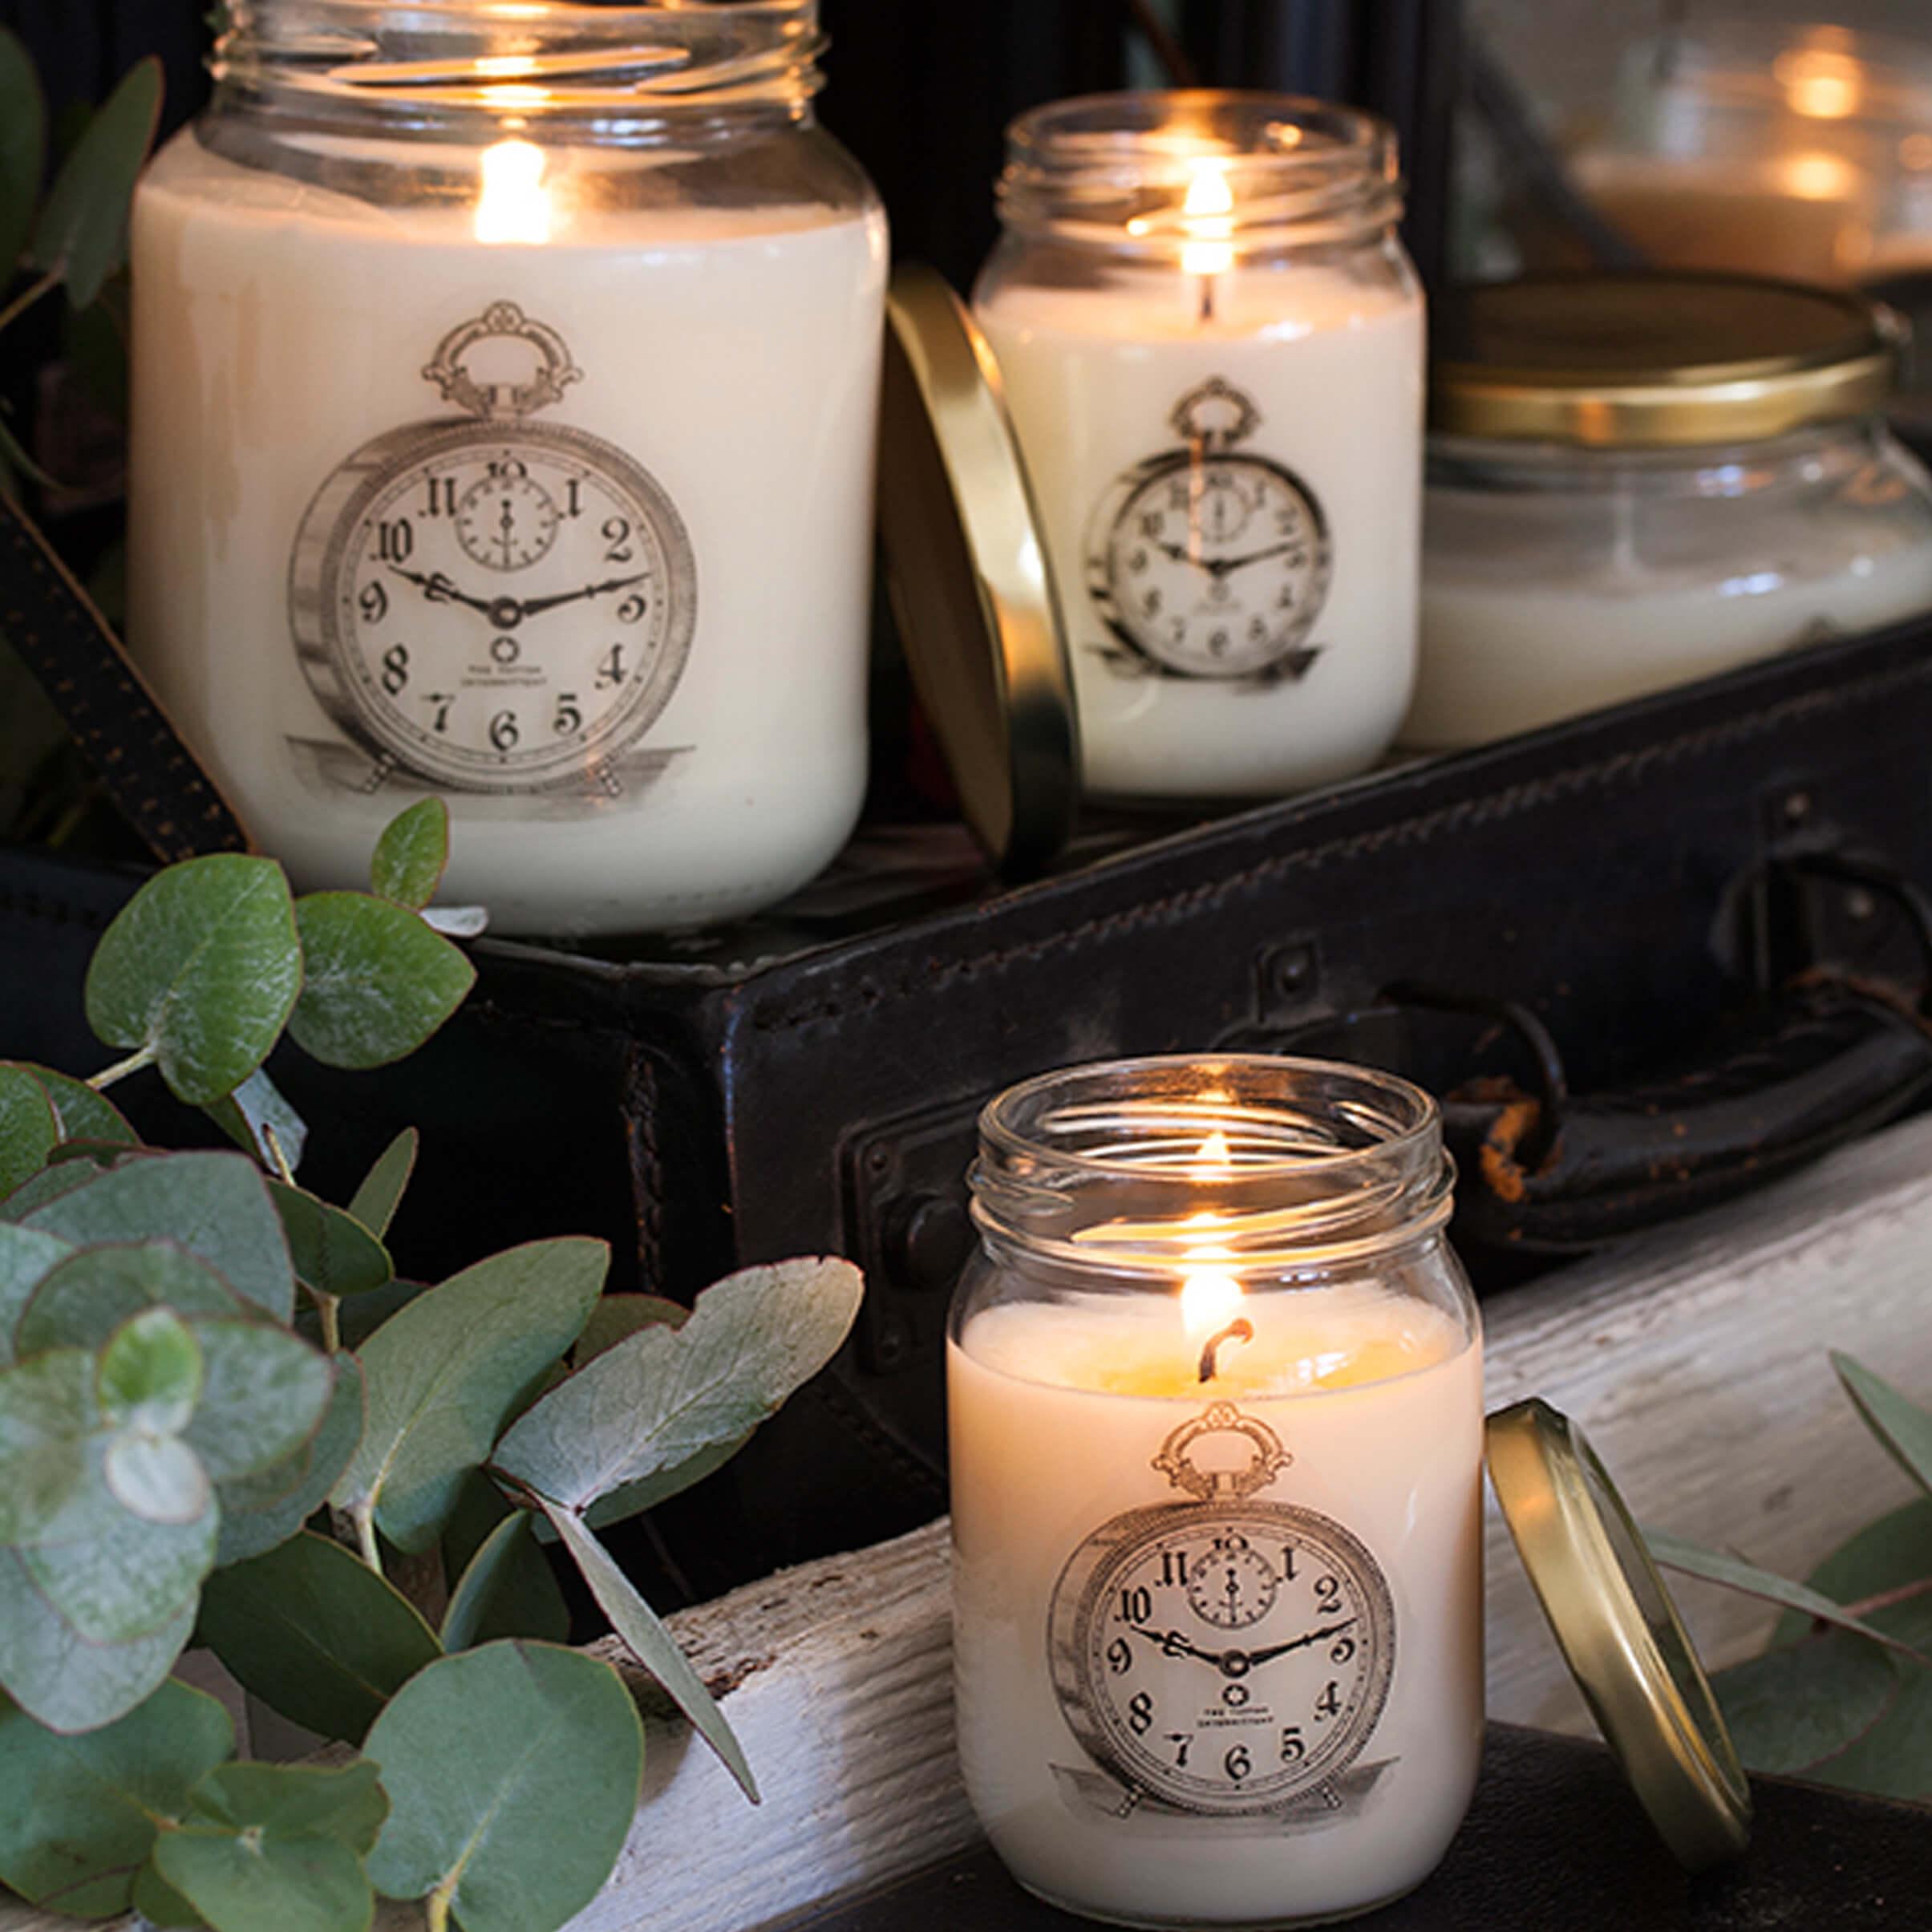 comprar velas perfumadas online